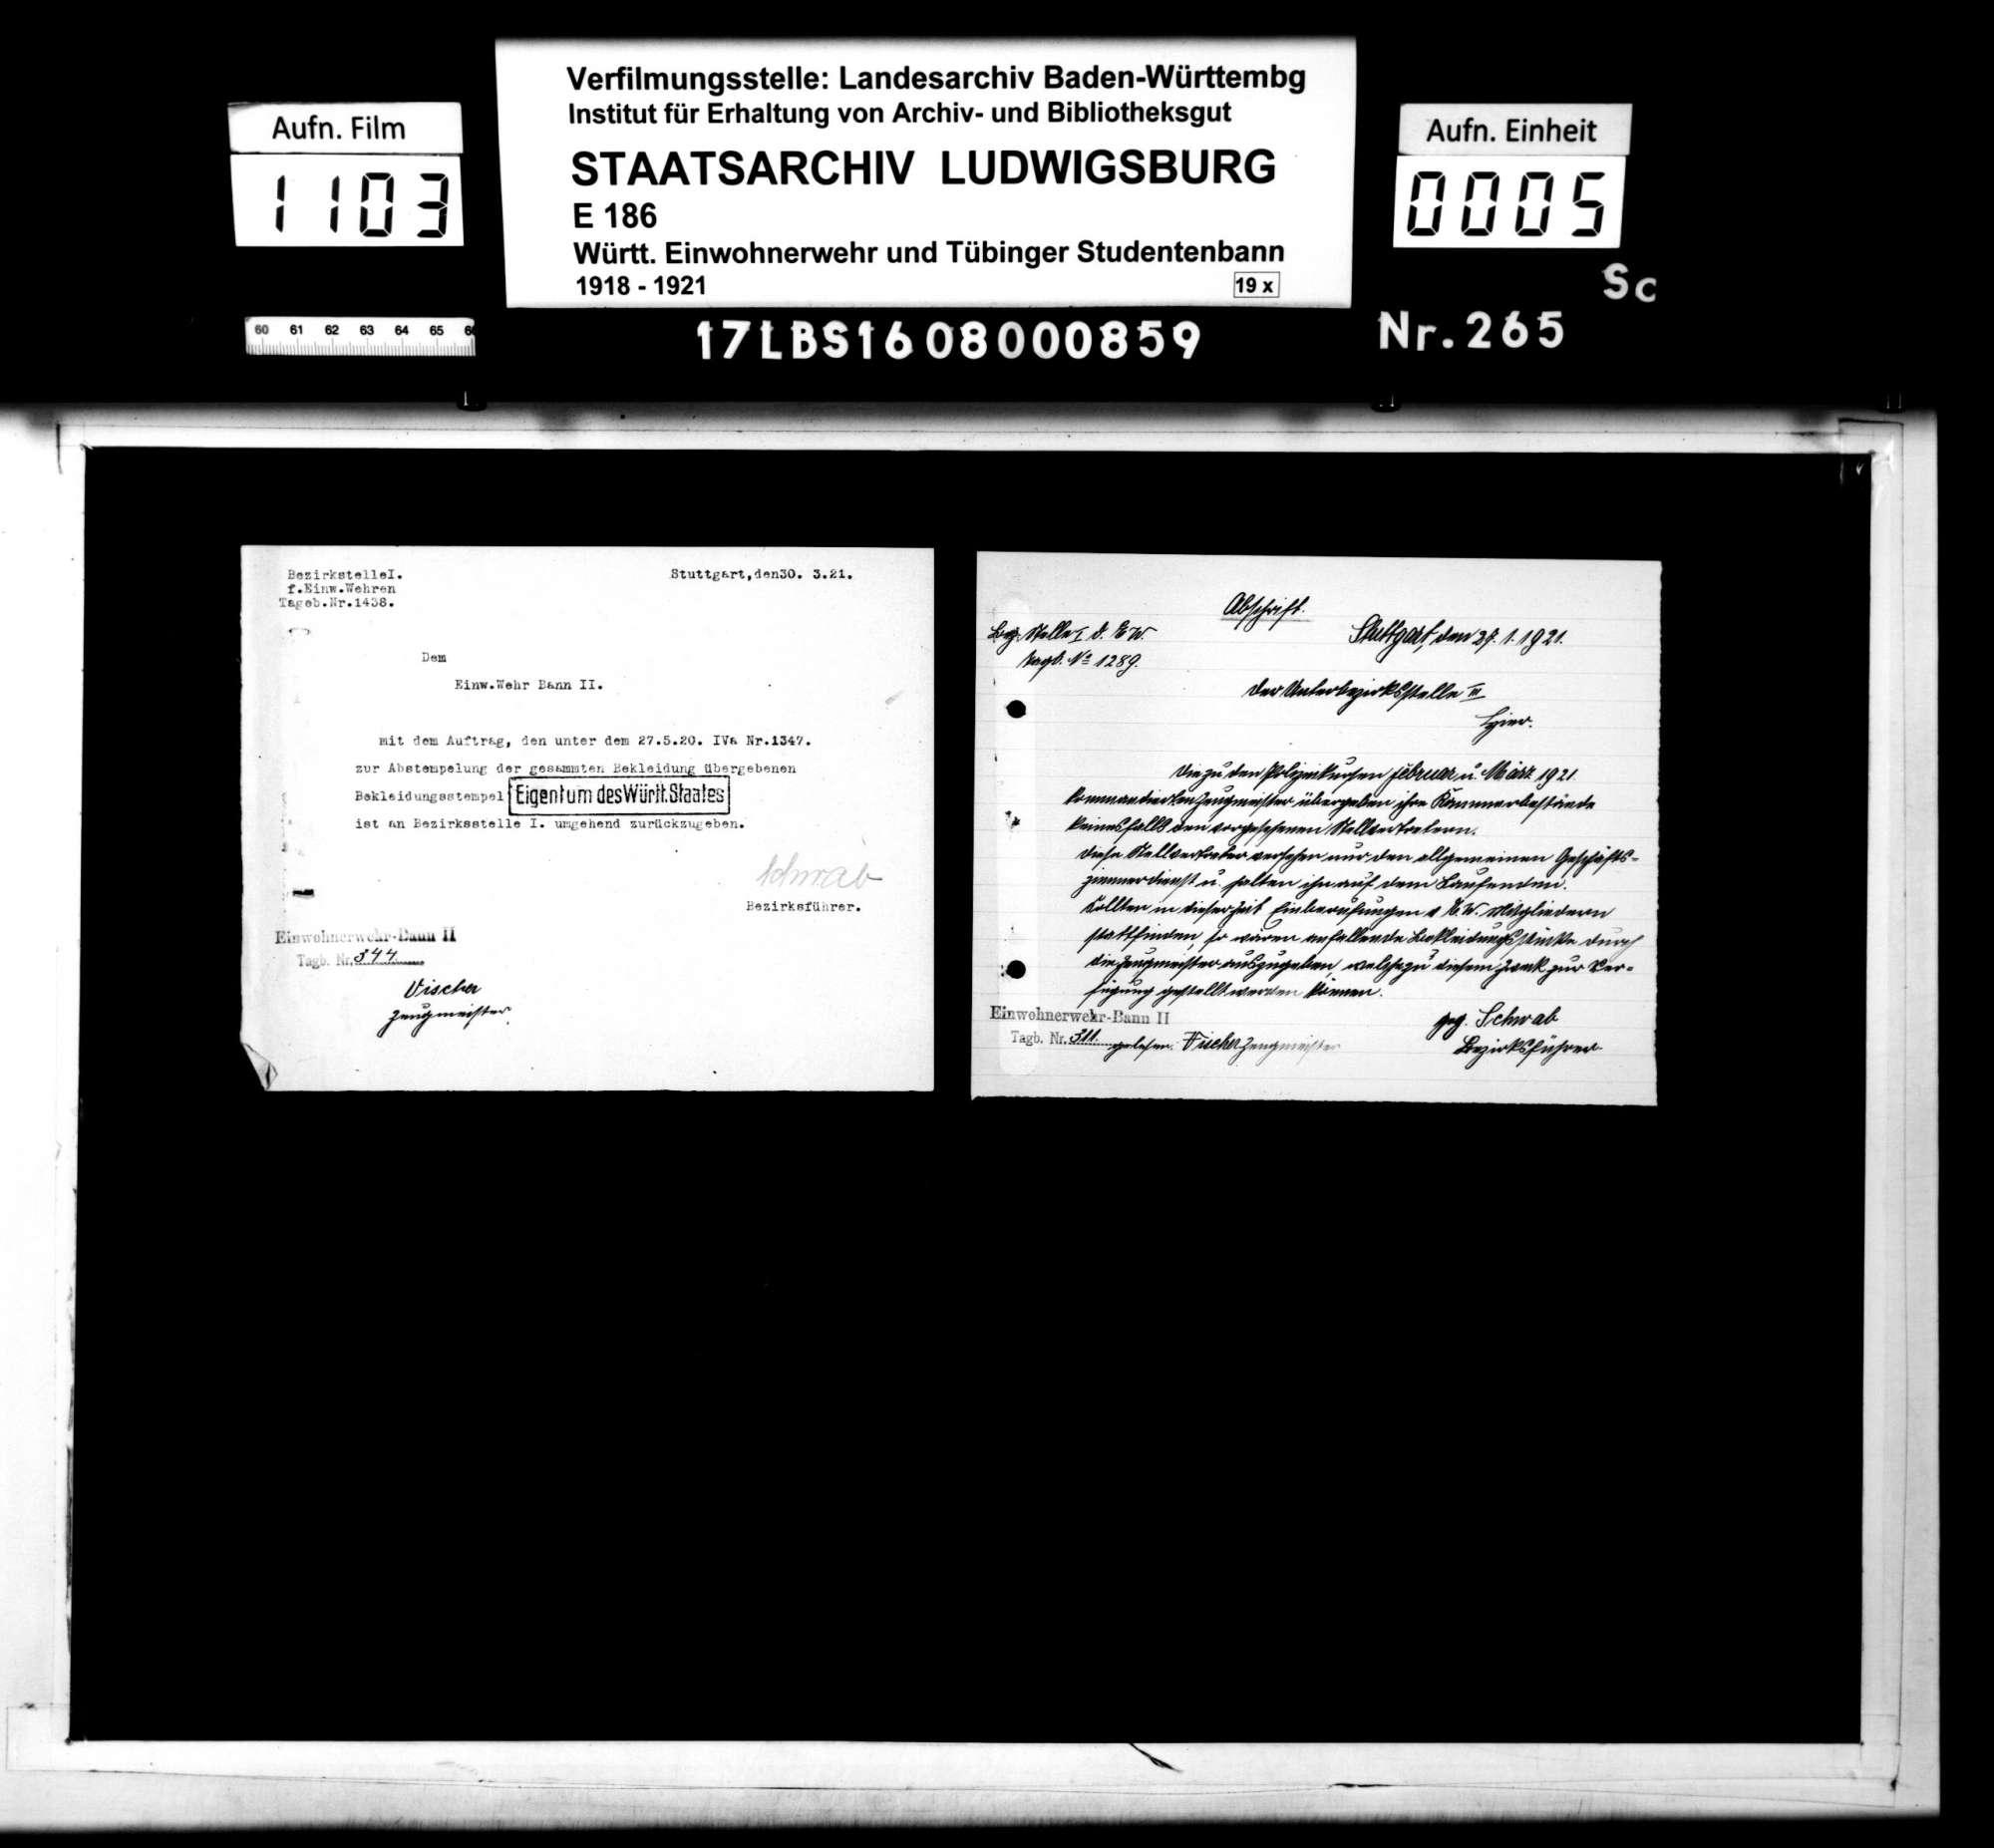 Mitteilungen und Tagesbefehle (Abschriften), Bild 3